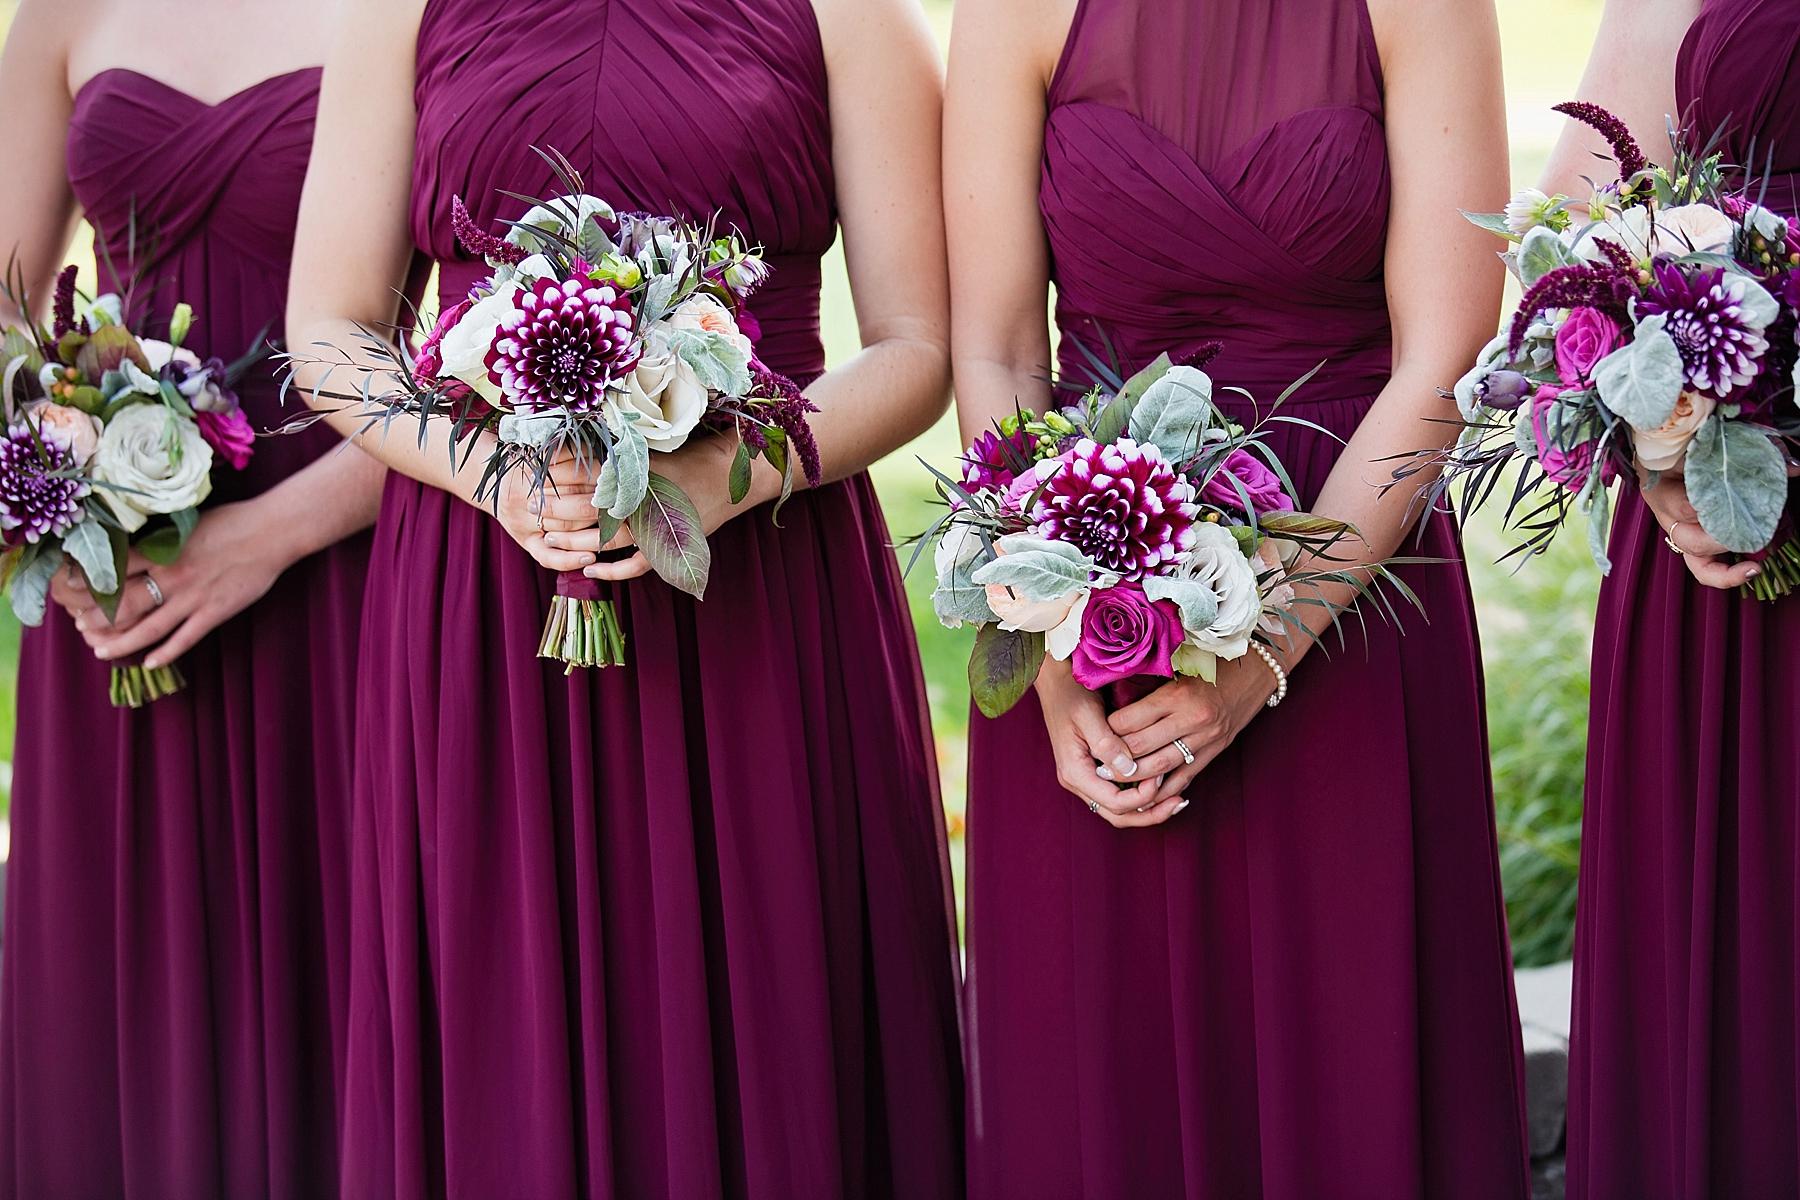 windsor-wedding-photographer-essex-golf-country-club-wedding-eryn-shea-photography_0033.jpg